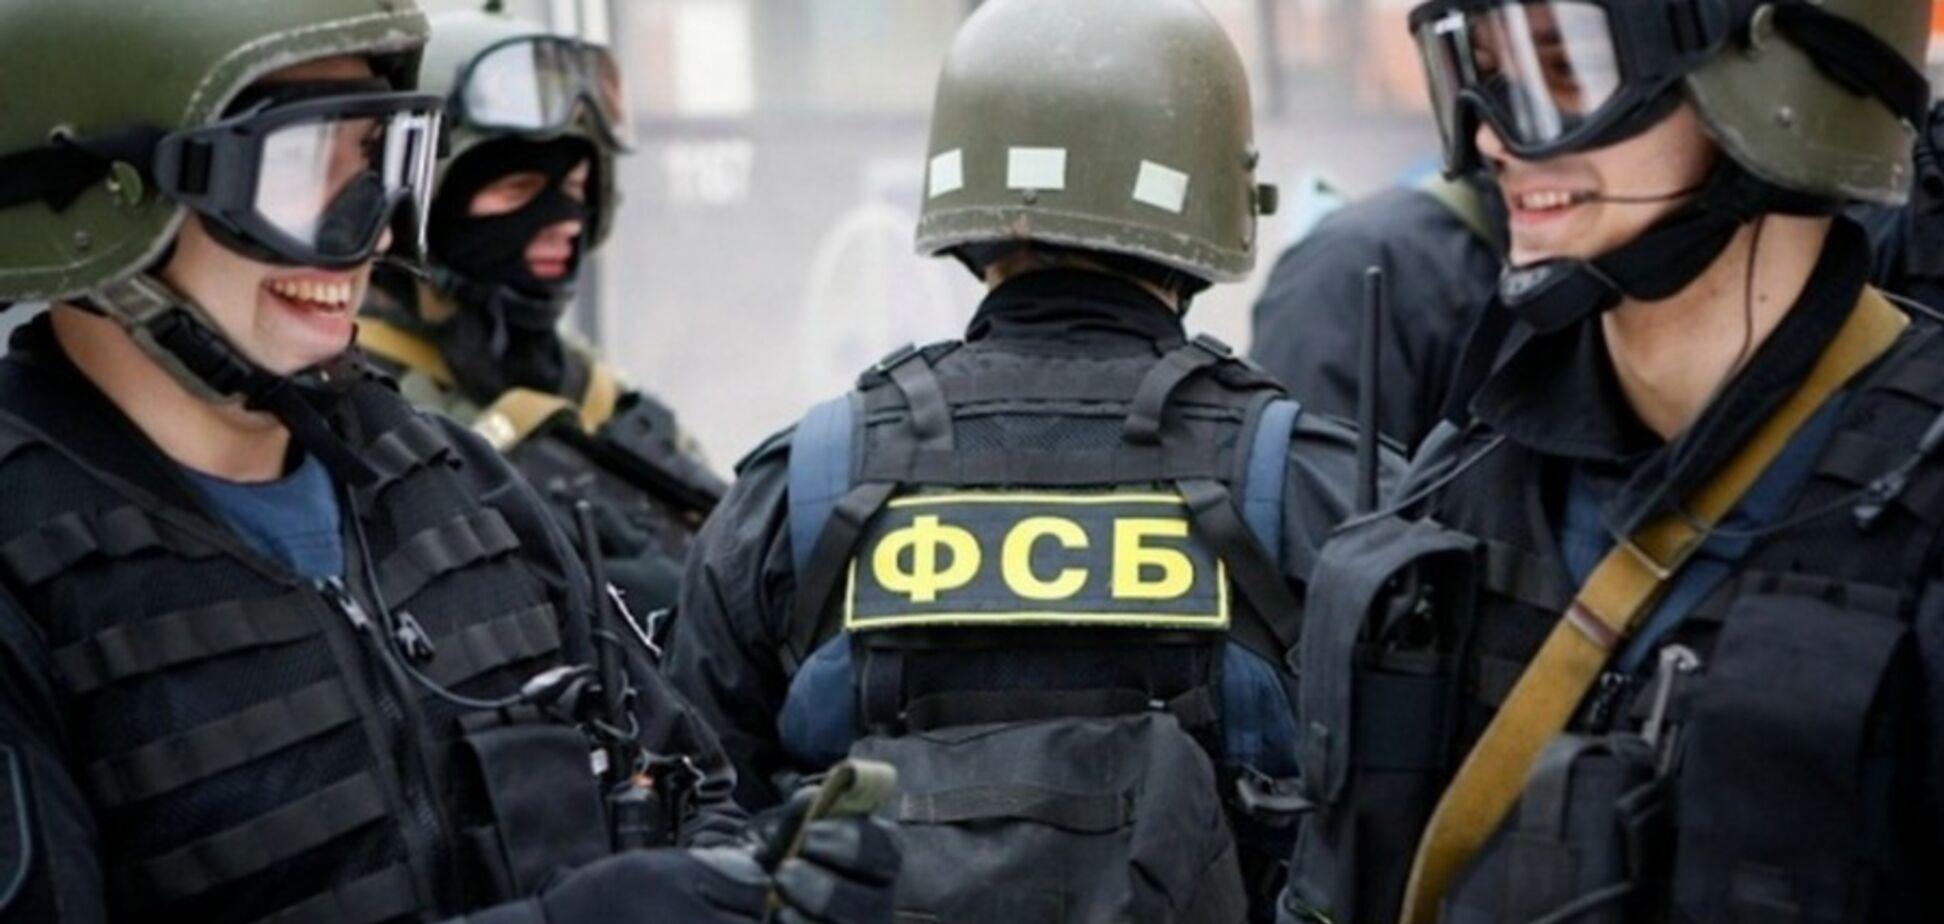 Спецслужбы Путина атаковали руководство Украины и ВСУ: что известно